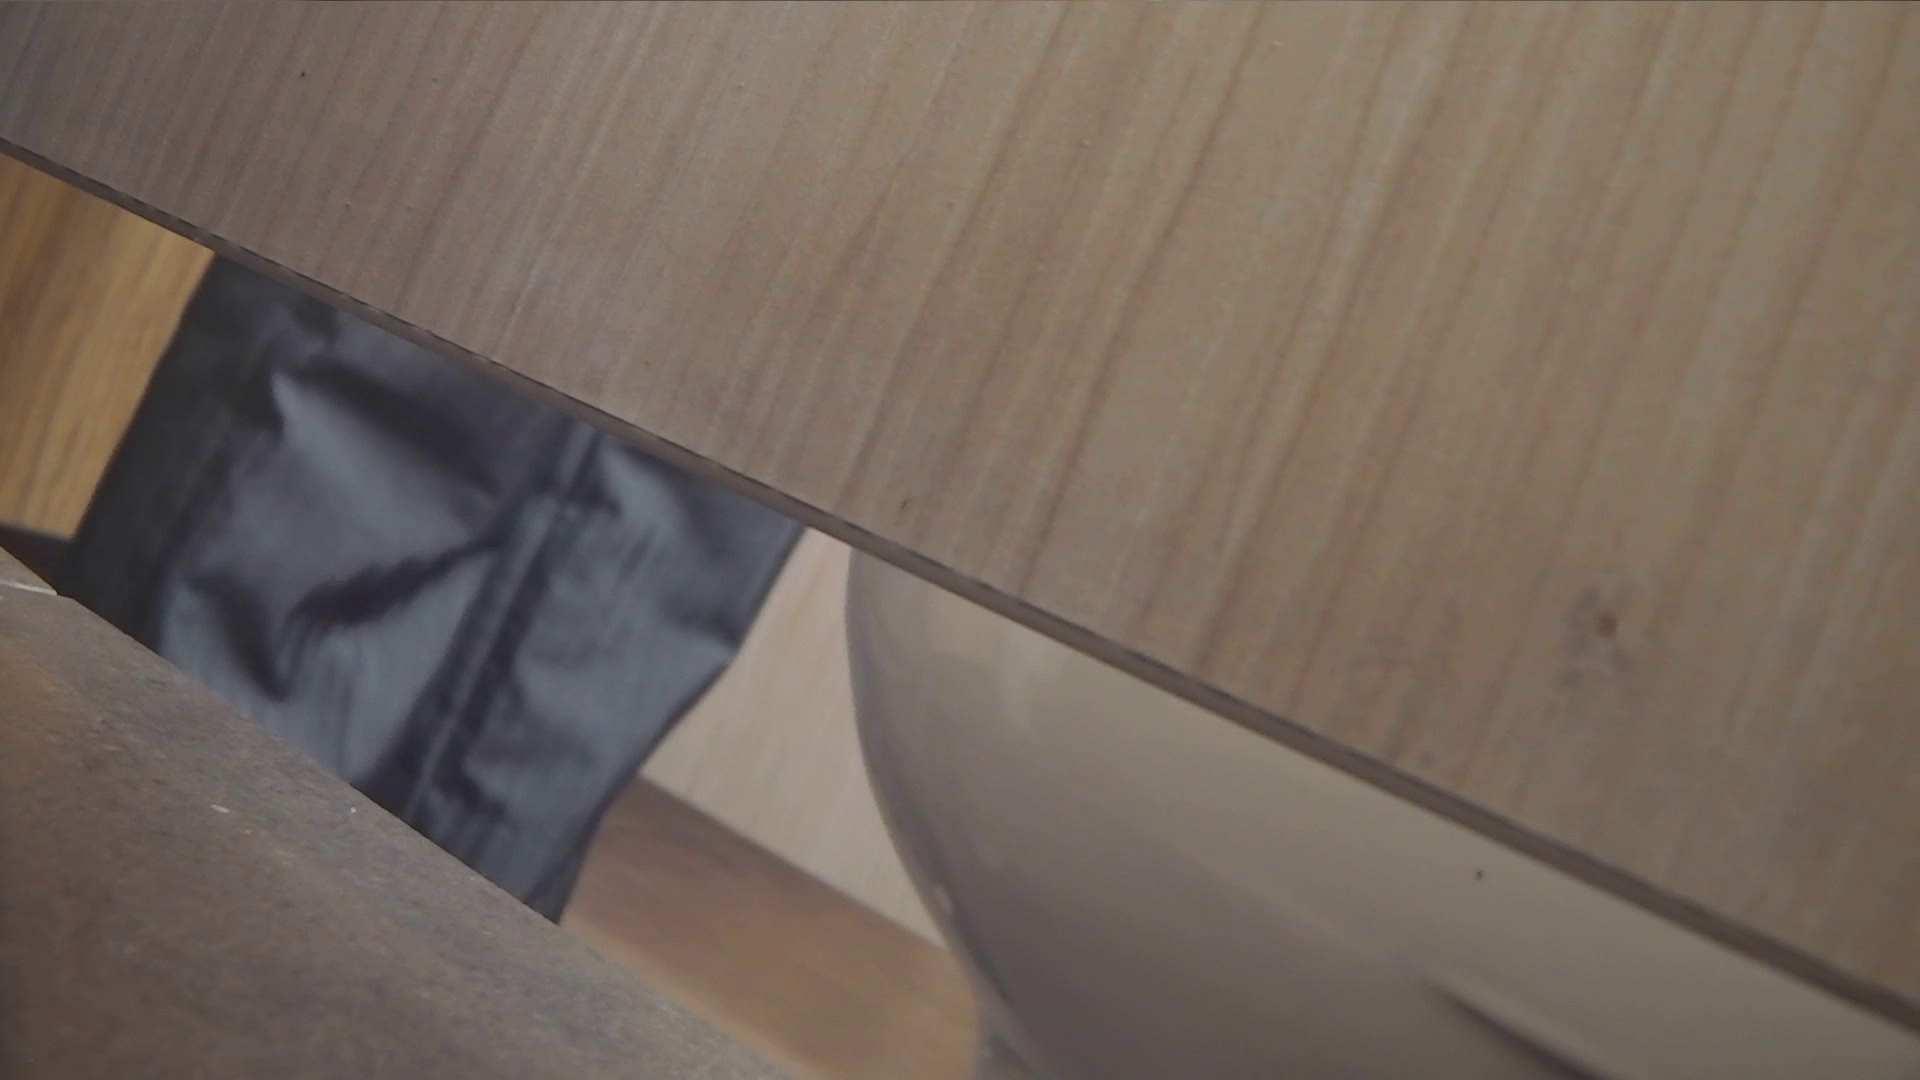 阿国ちゃんの「和式洋式七変化」No.17 ギャル攻め ワレメ無修正動画無料 87画像 26